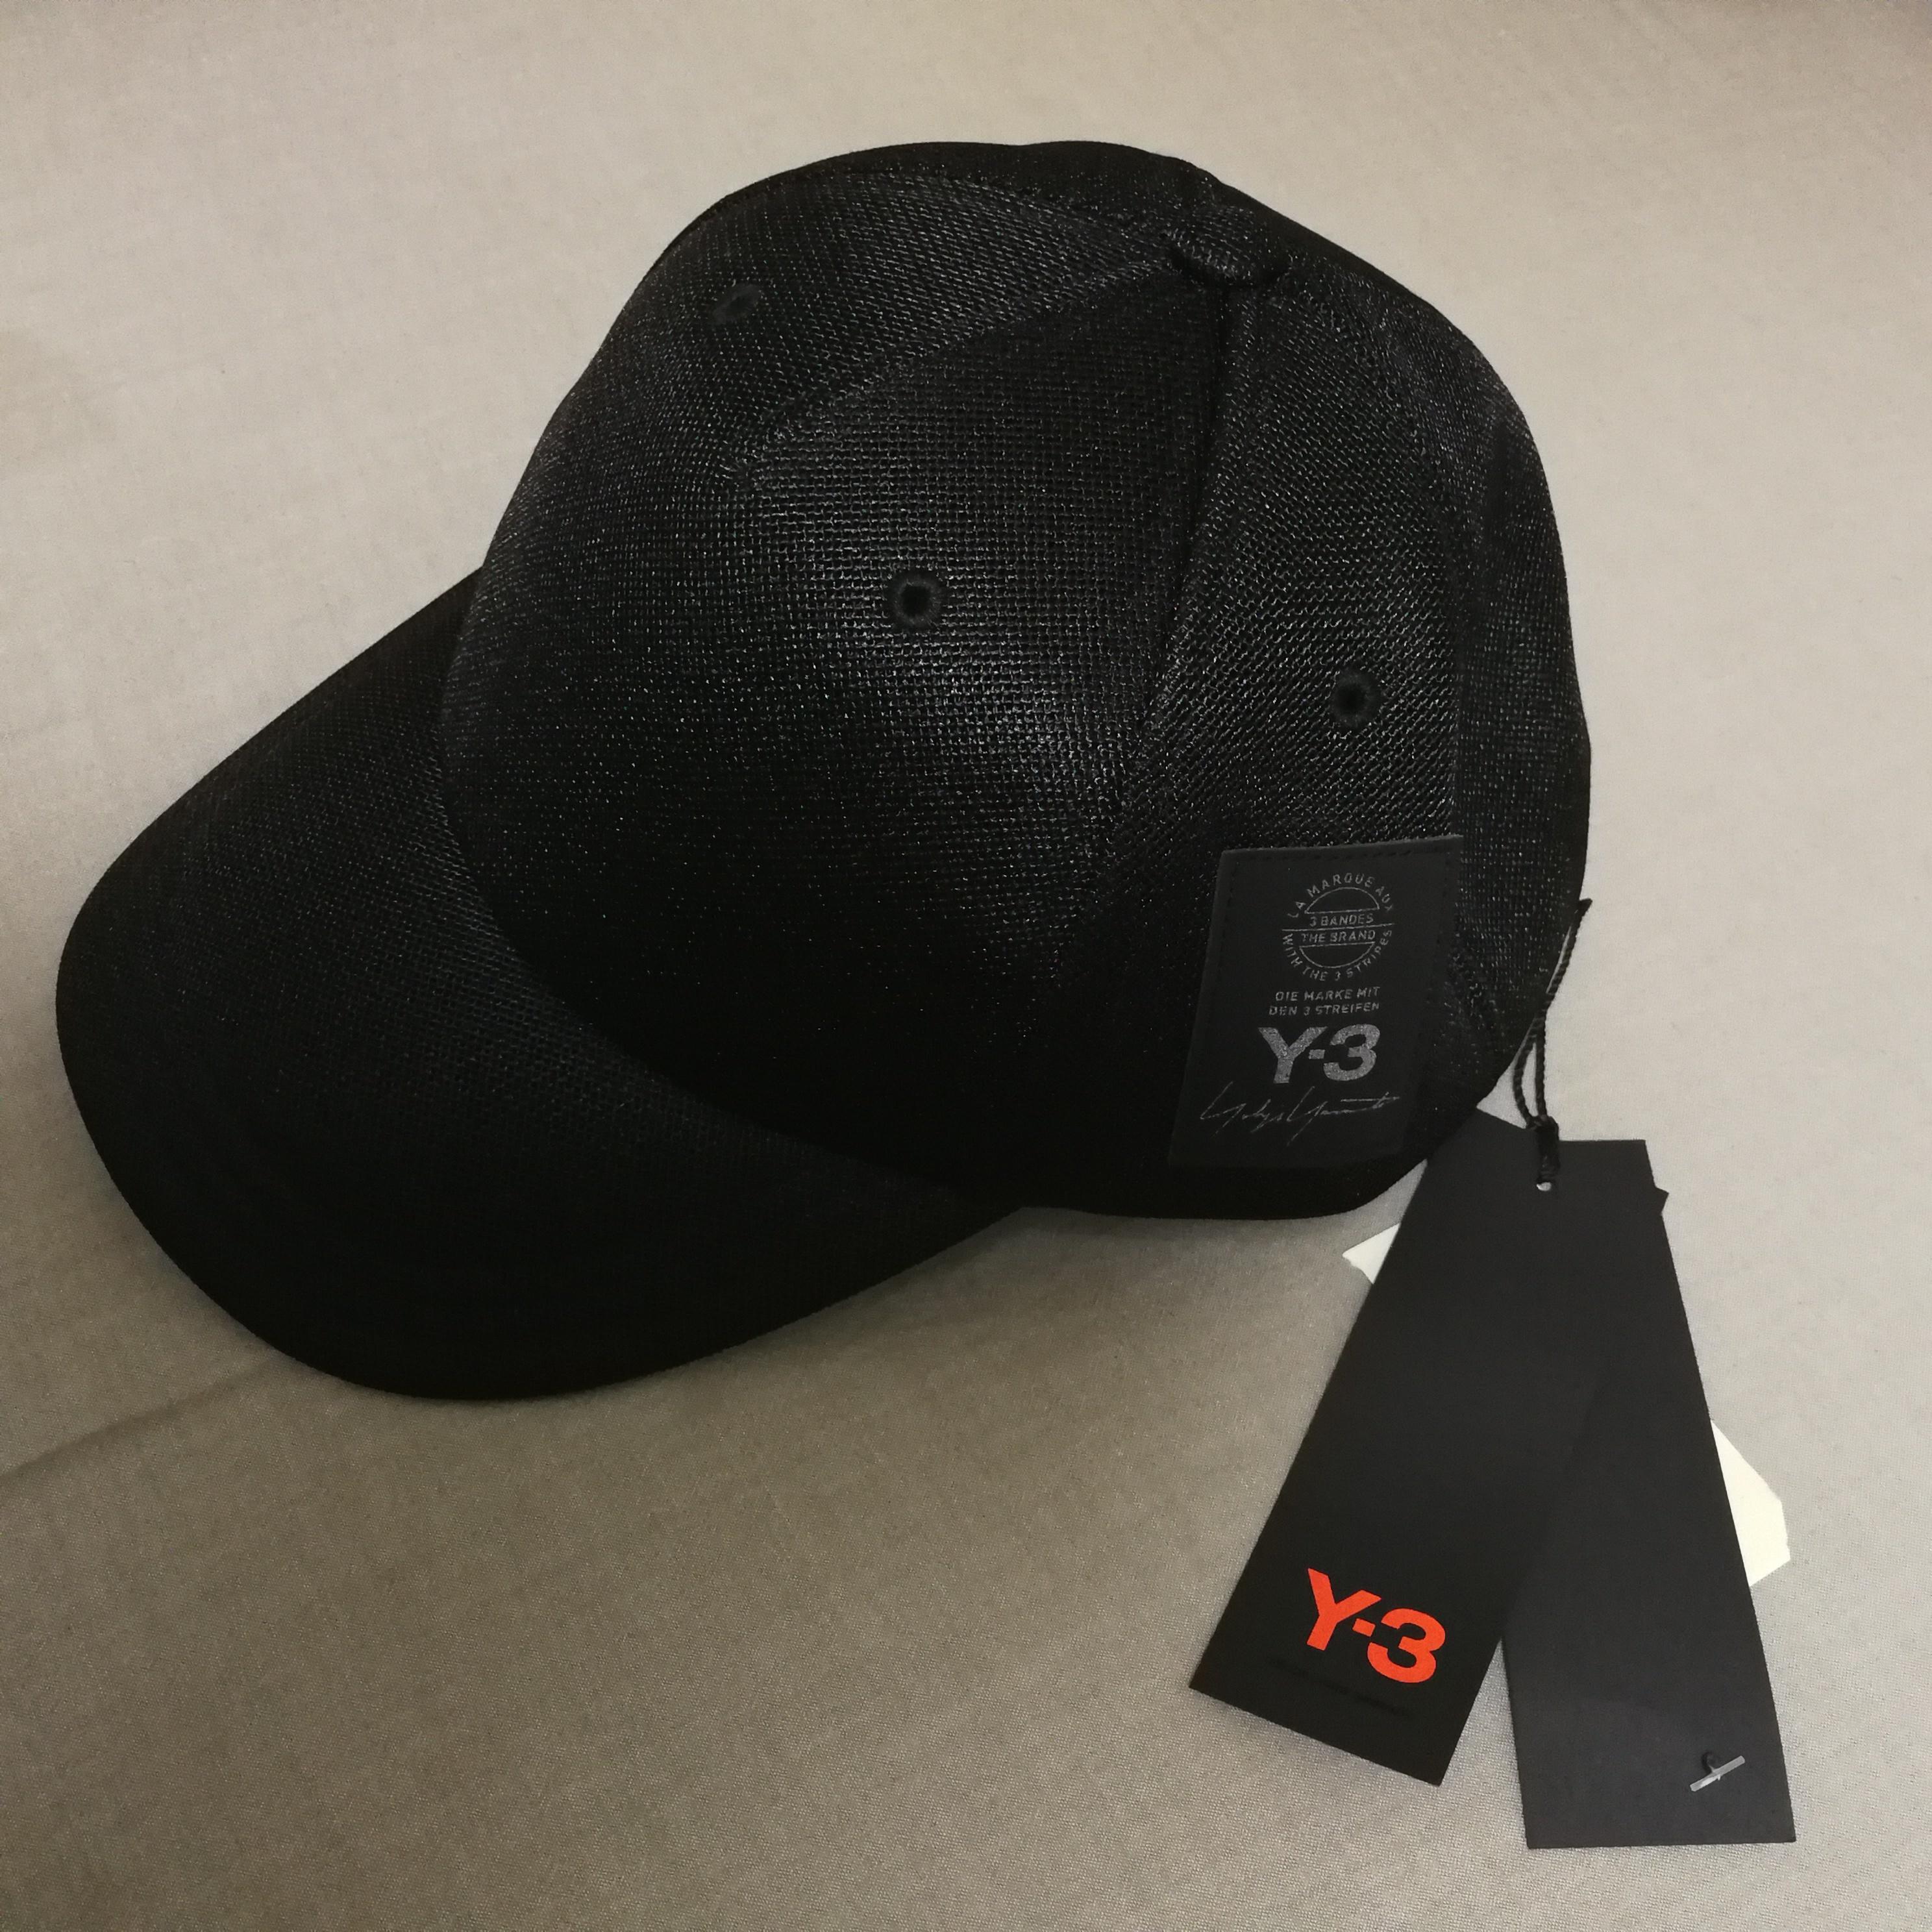 Y-3 メッシュパネル キャップ YOHJI YAMAMOTO ヨウジ ヤマモト adidas ... 9ef95c1144f8